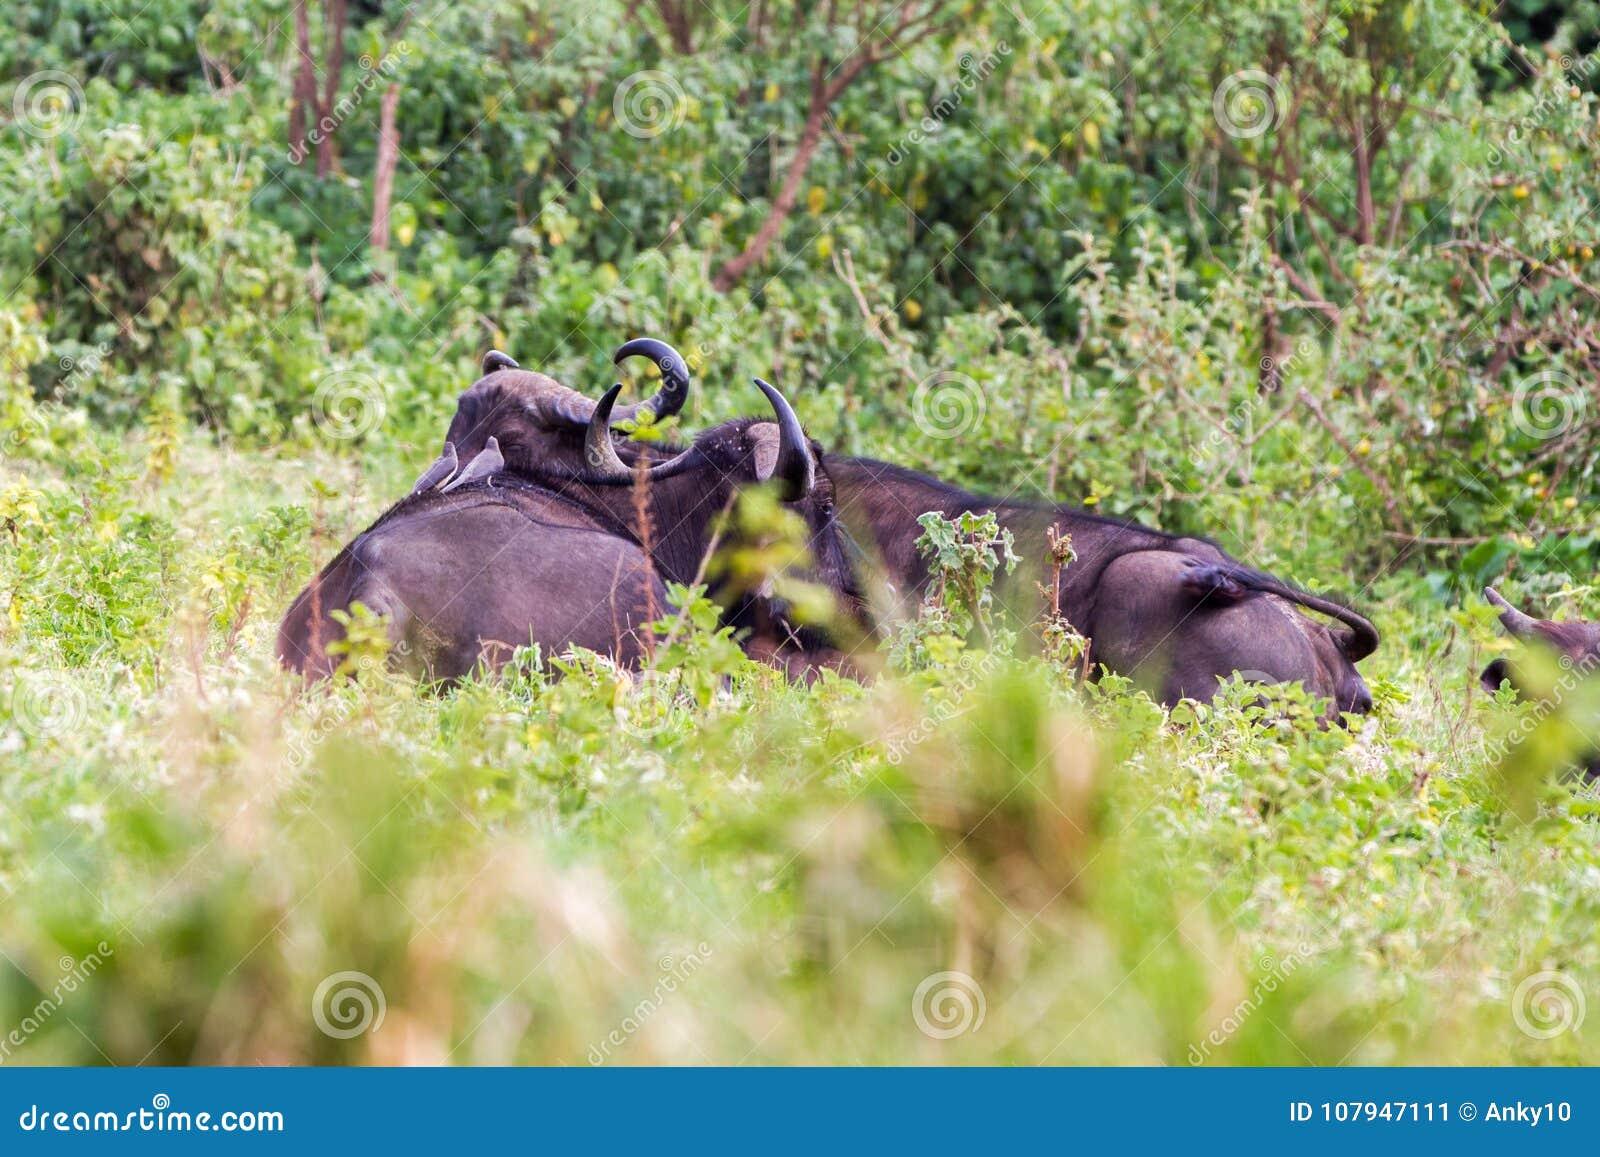 Cape buffalo in Ngorongoro Conservation Area